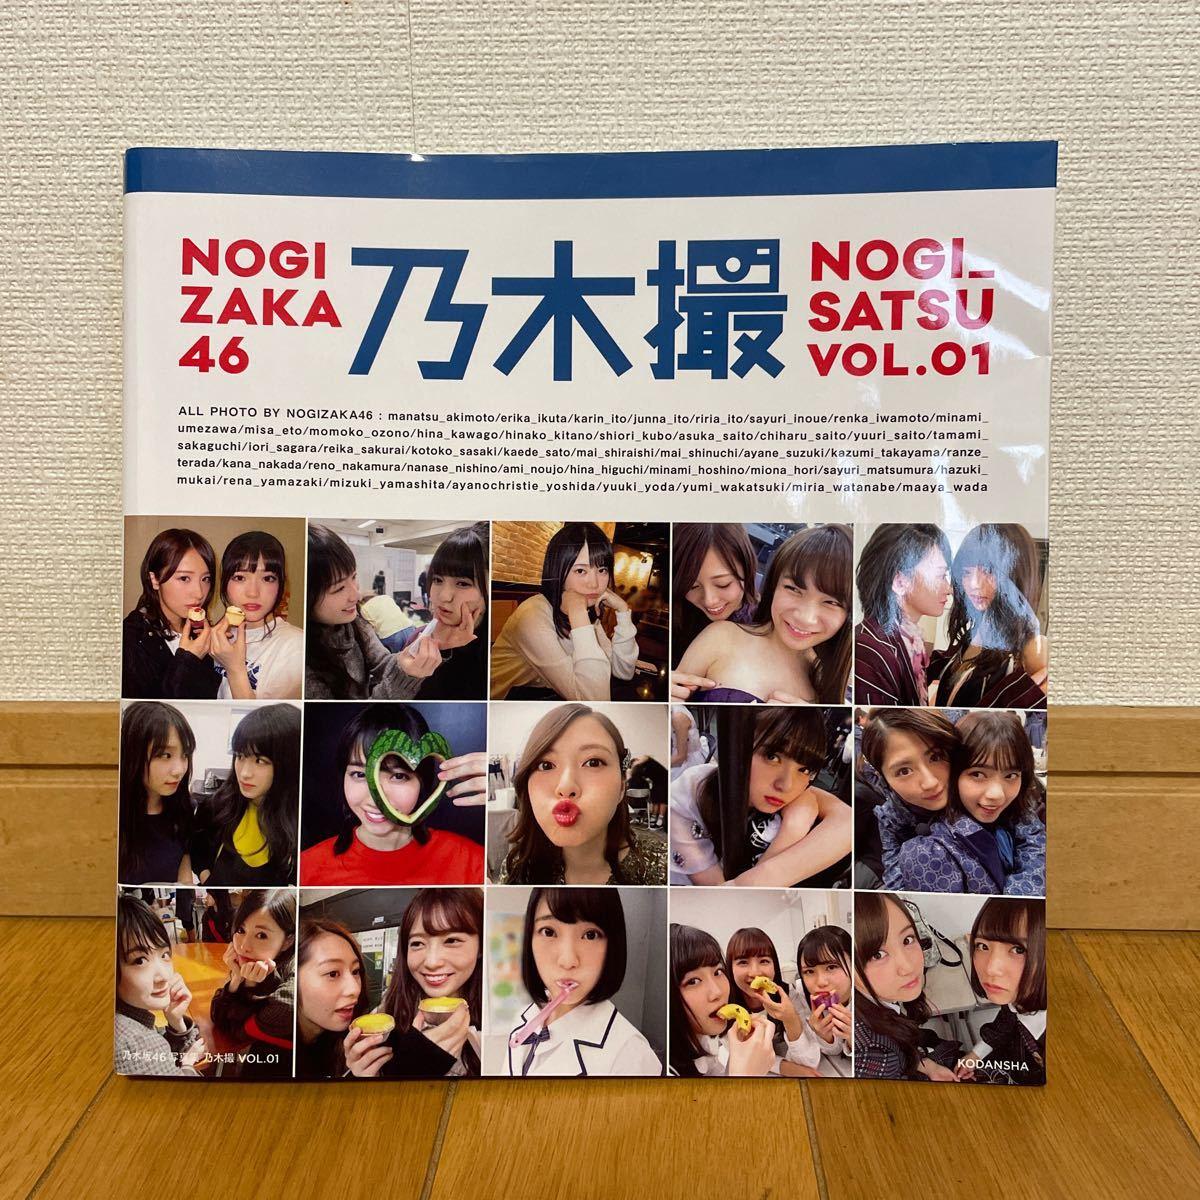 乃木撮 乃木坂46写真集 VOL.01/乃木坂46